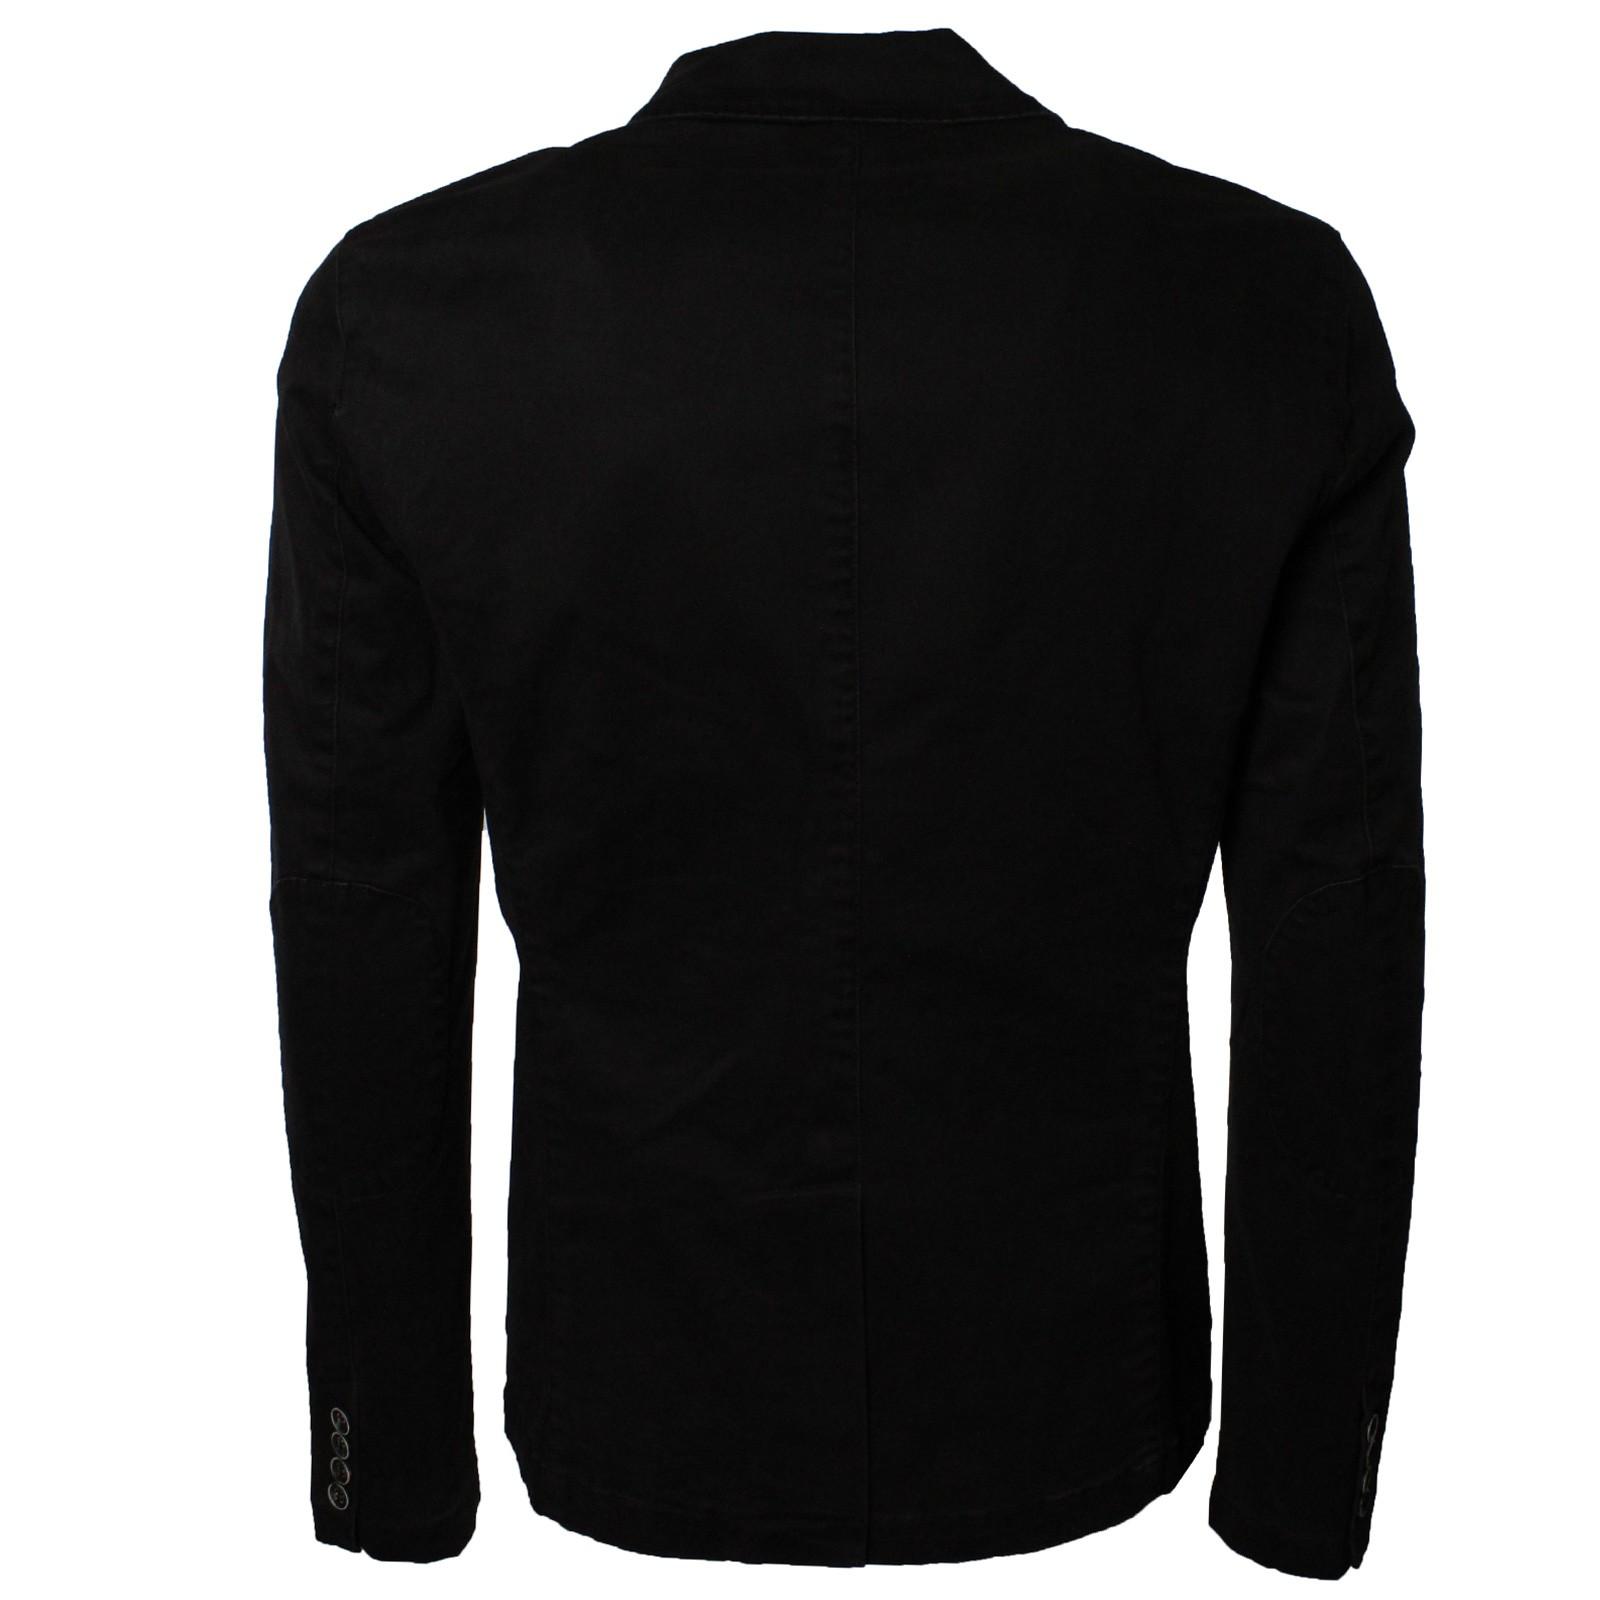 Giacca-Uomo-Elegante-Estiva-Slim-Fit-Blazer-in-Cotone-con-Toppe-Grigio-Sportiva miniatura 9